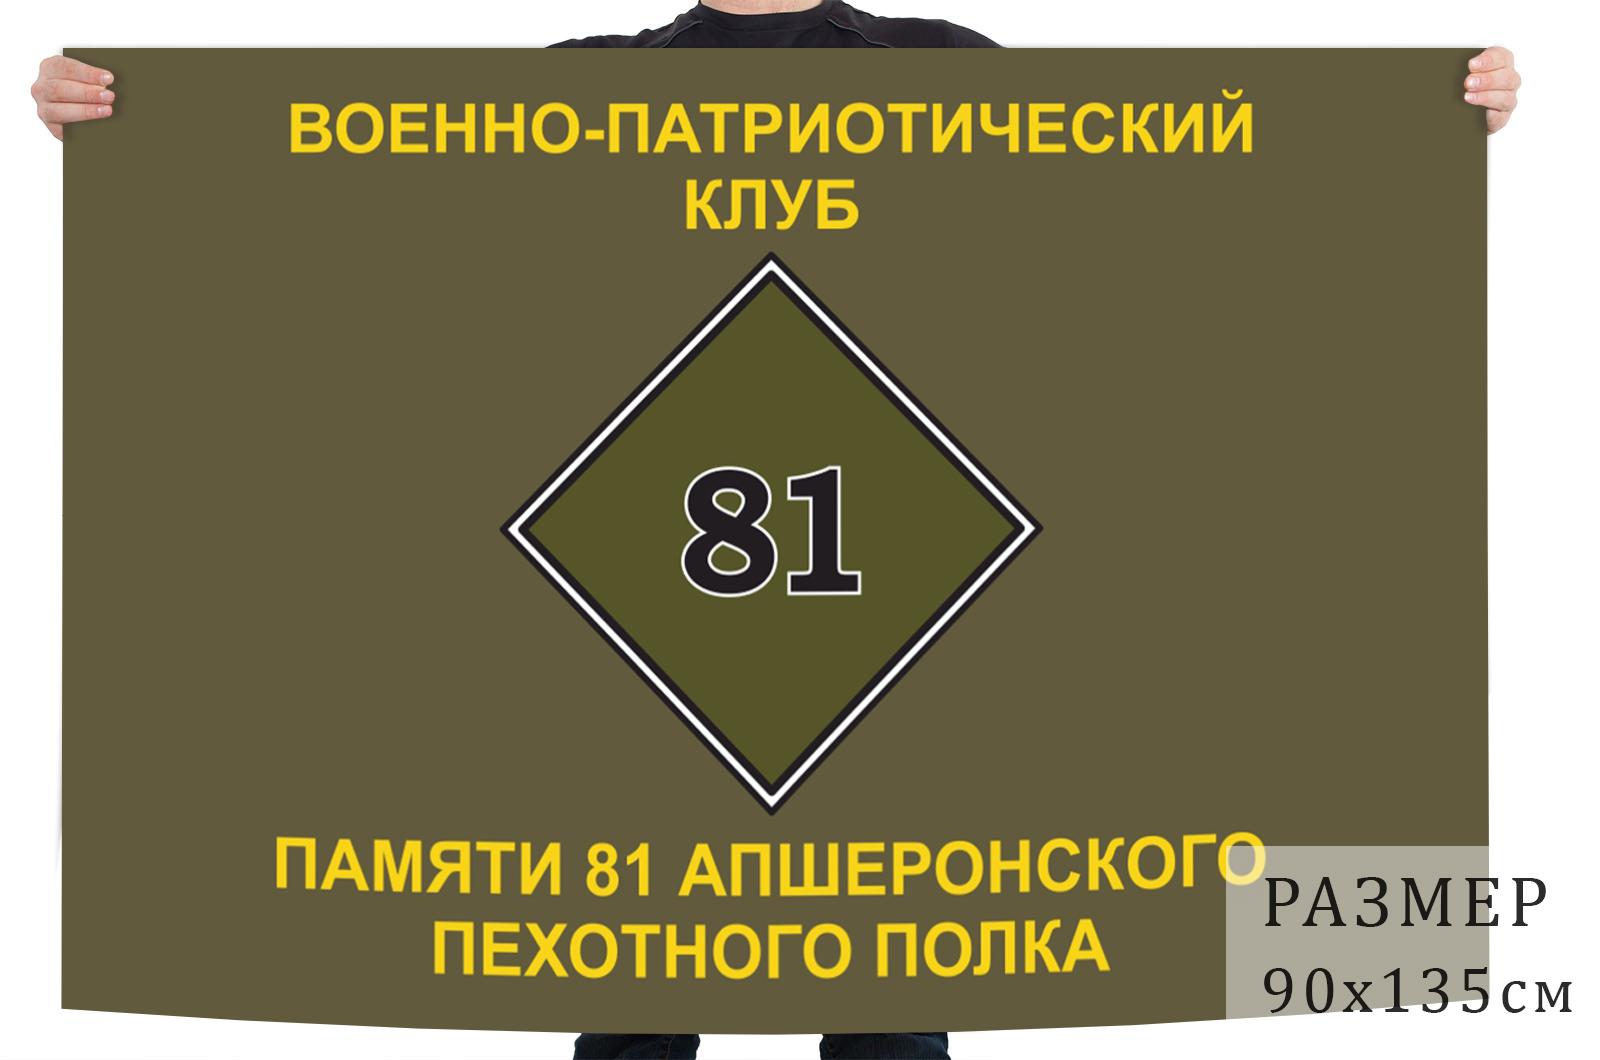 Флаг ВПК памяти 81 Апшеронского пехотного полка